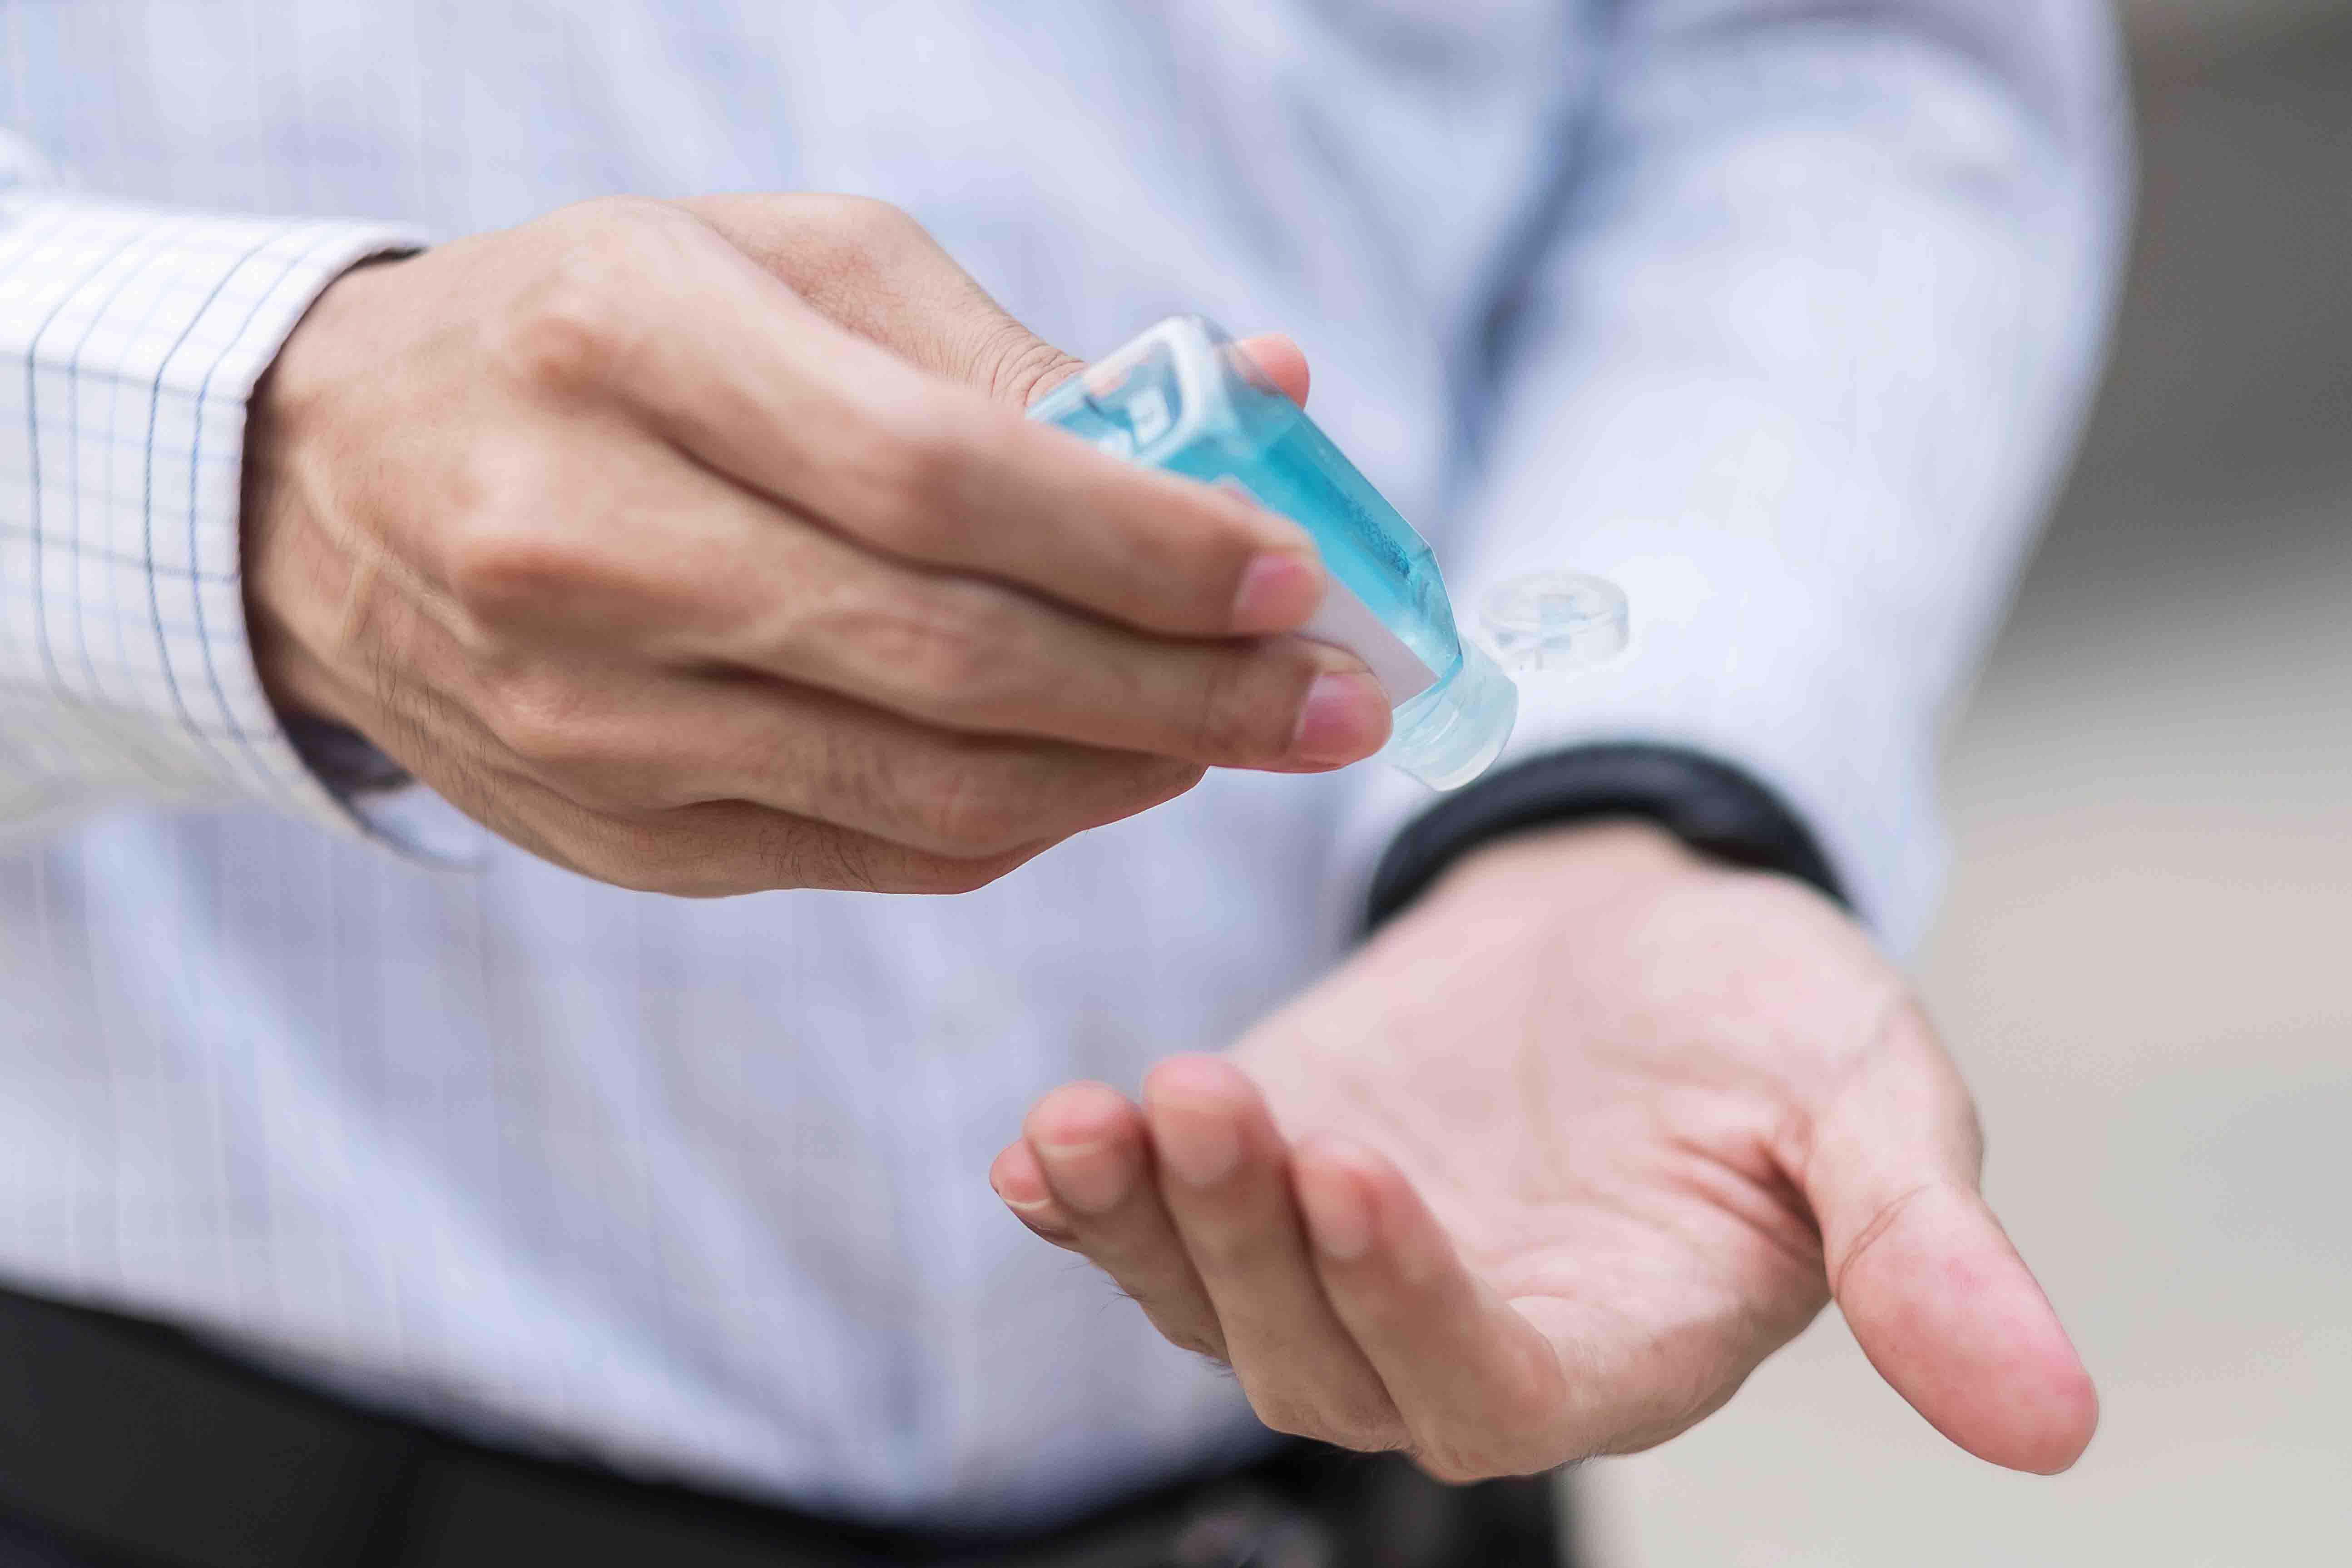 Keumuman Mengandung Alkohol, Sahkah Salat Setelah Memakai <i>Hand Sanitizer?</i>